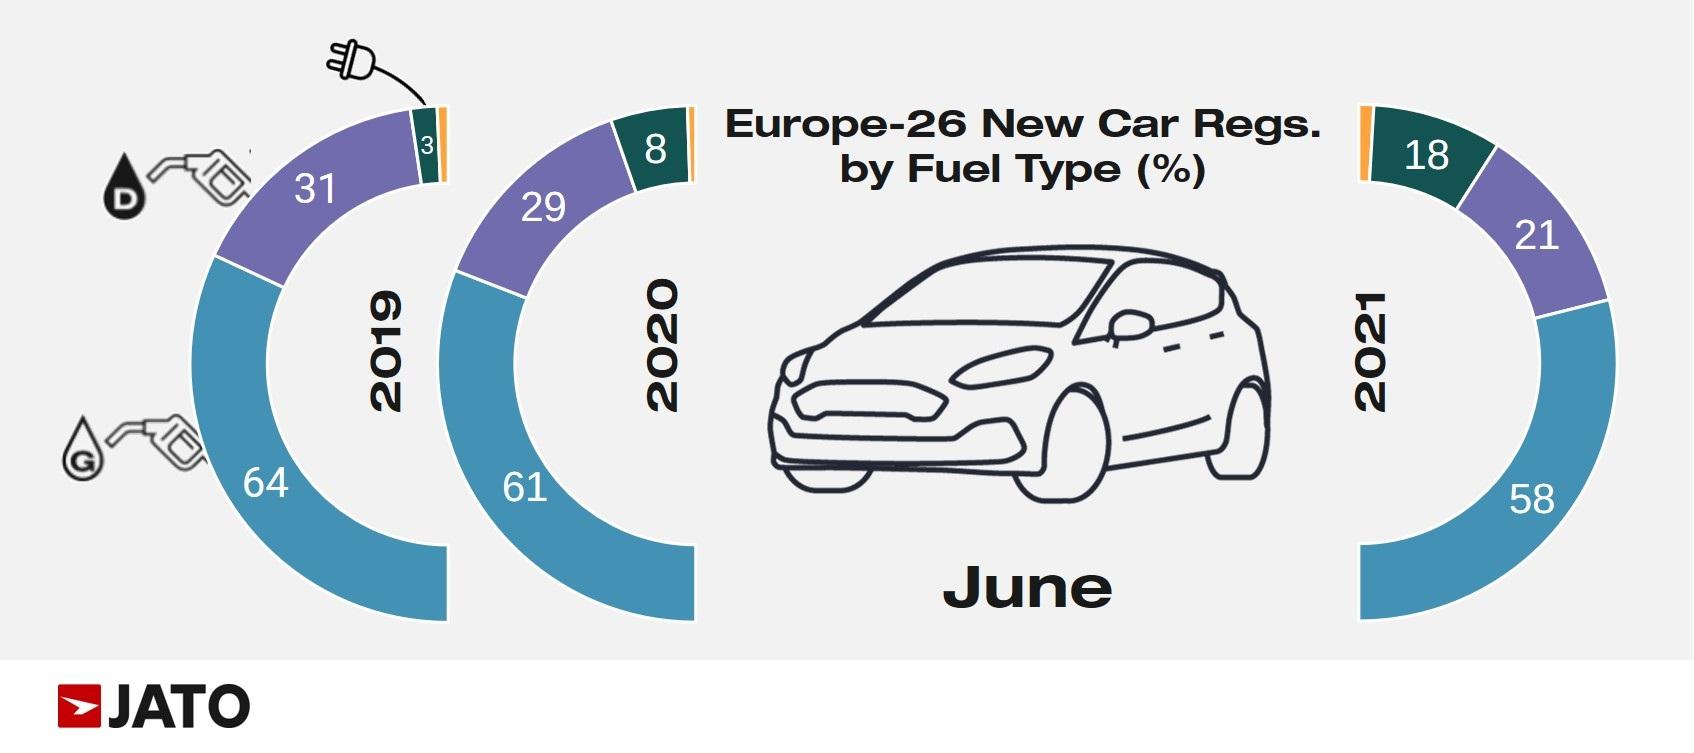 Registrácie nových vozidiel v EÚ podľa pohonu (Zdroj: JATO)